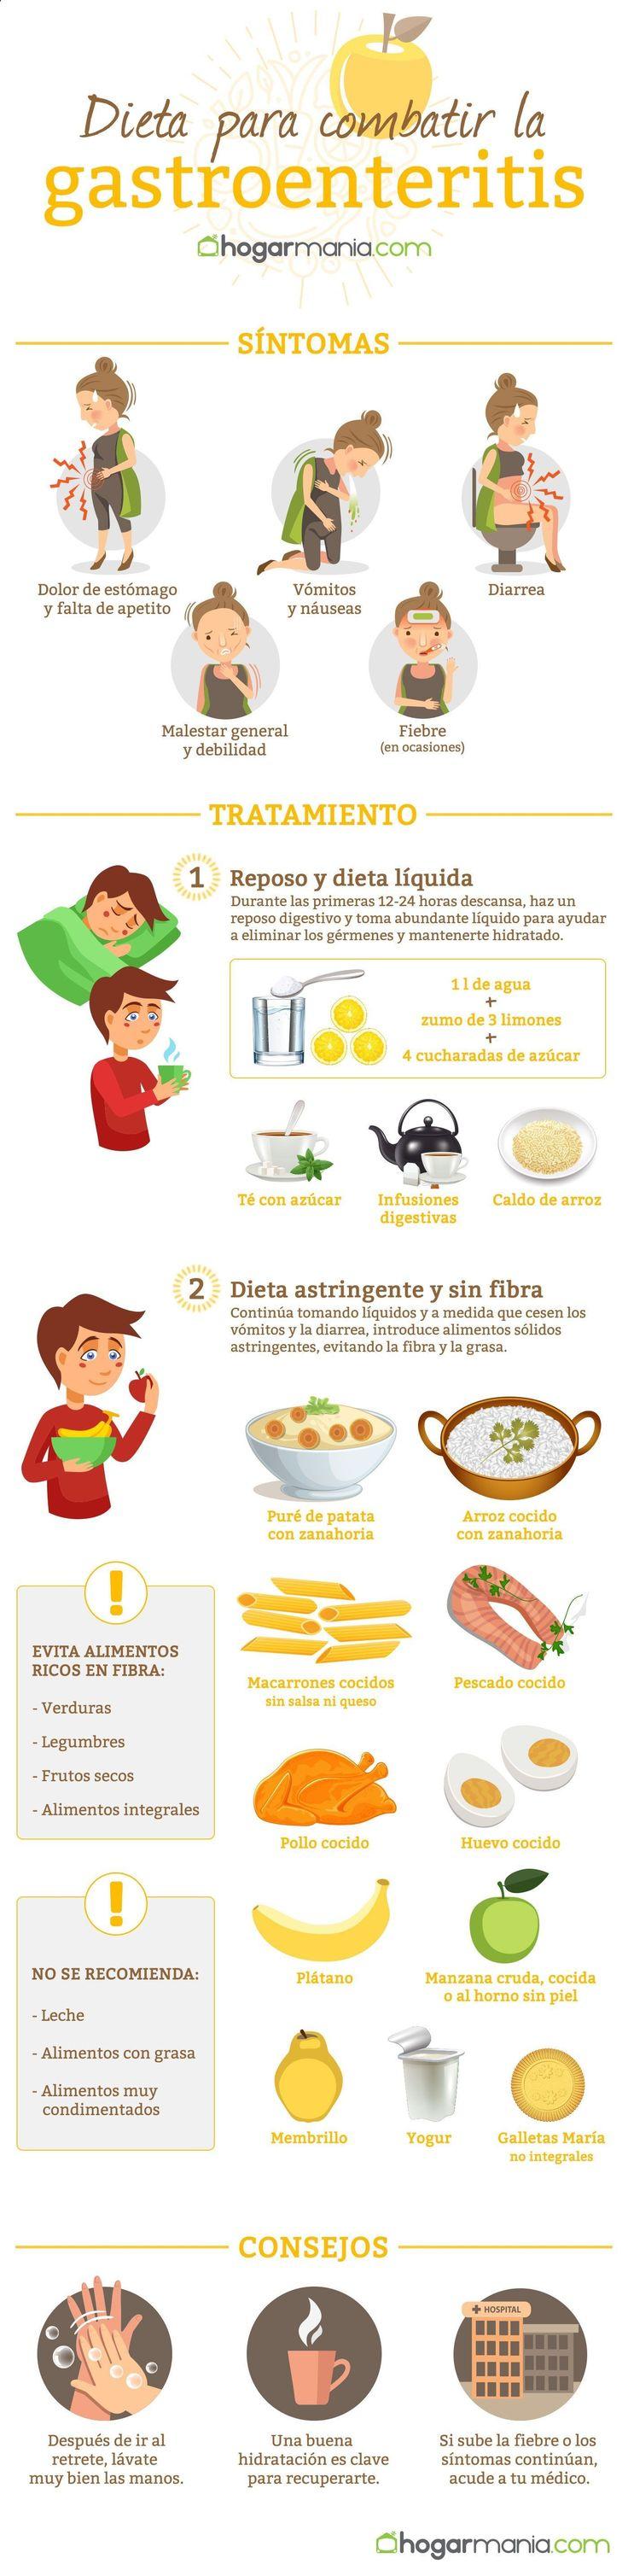 Cura para la Gastritis - Dieta blanda: qué comer cuando tenemos diarrea o gastroenteritis #salud Vas a descubrir el método más efectivo y hasta ahora guardado CELOSAMENTE por los gastroenterólogos más prestigiosos del mundo